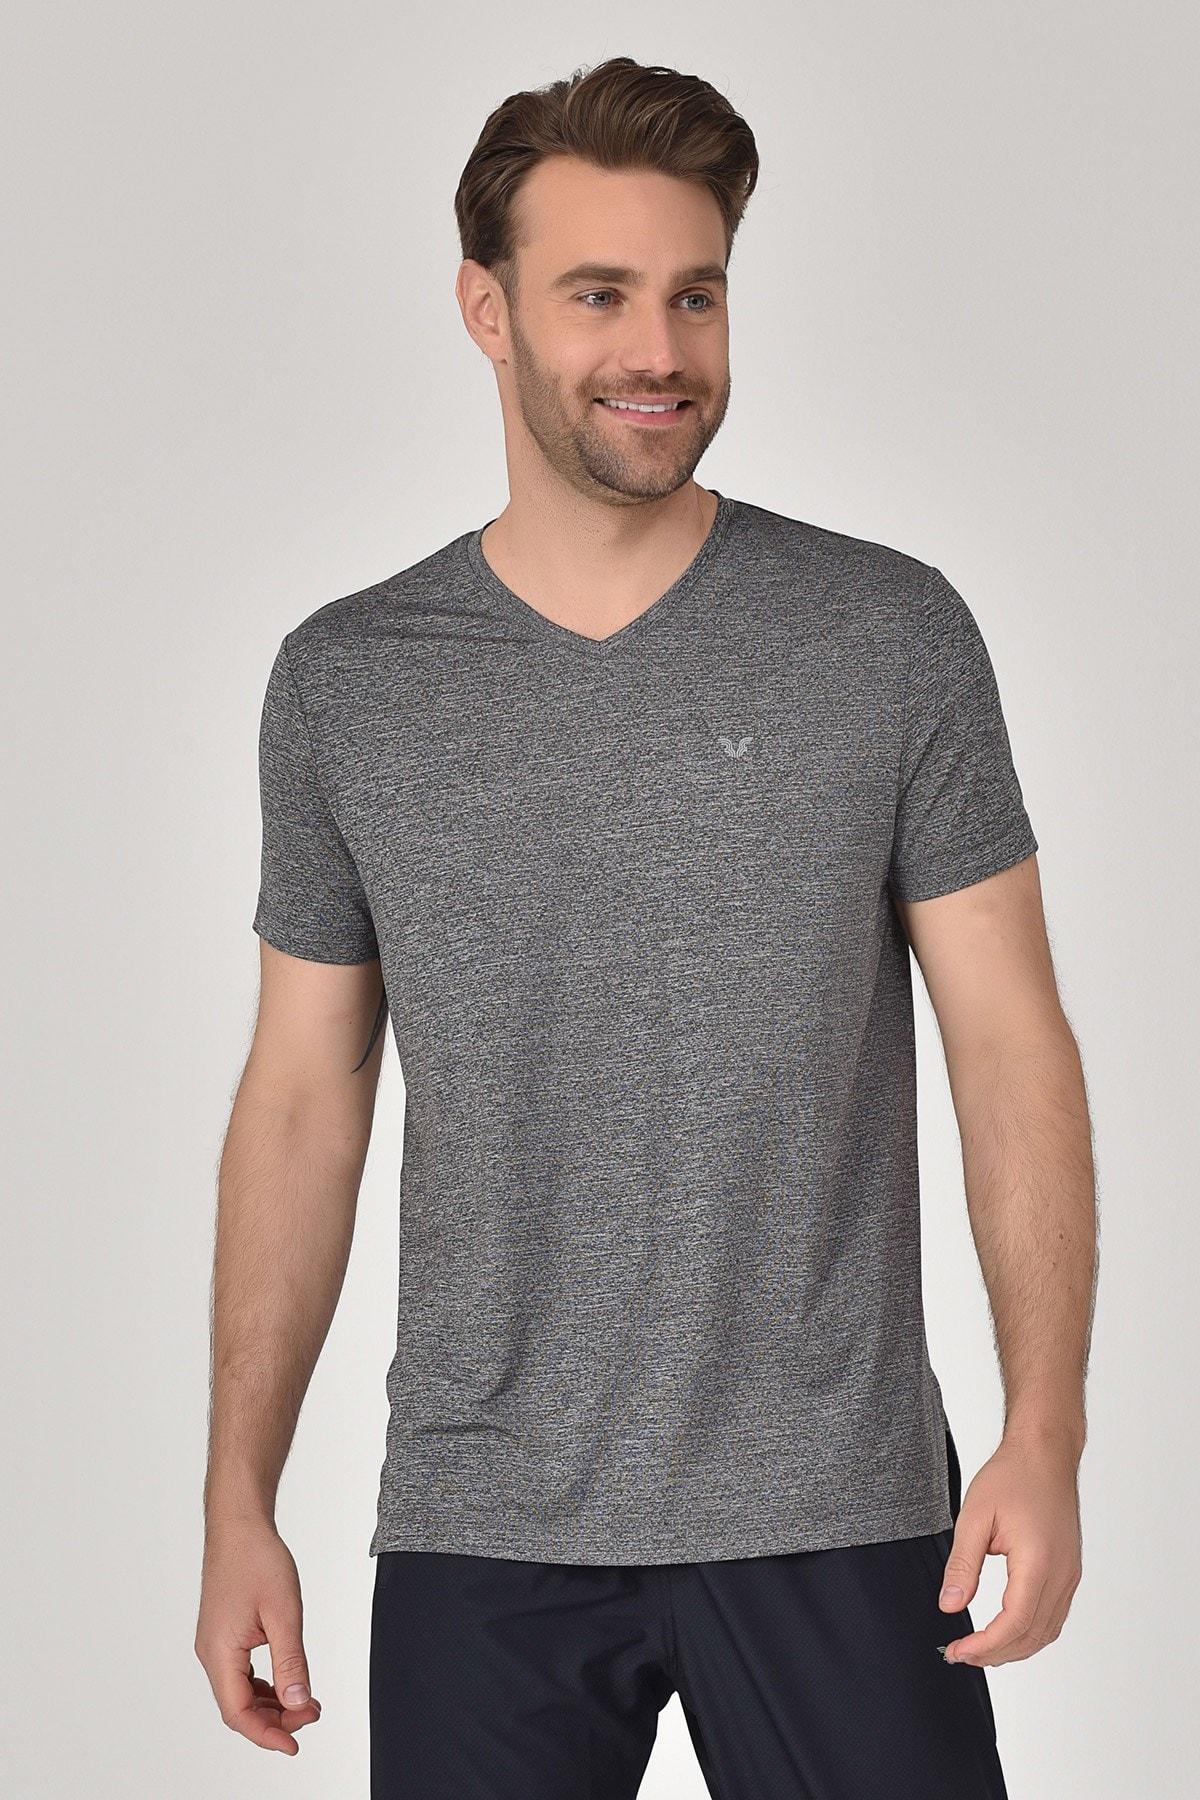 bilcee Antrasit Erkek T-Shirt GS-8820 1